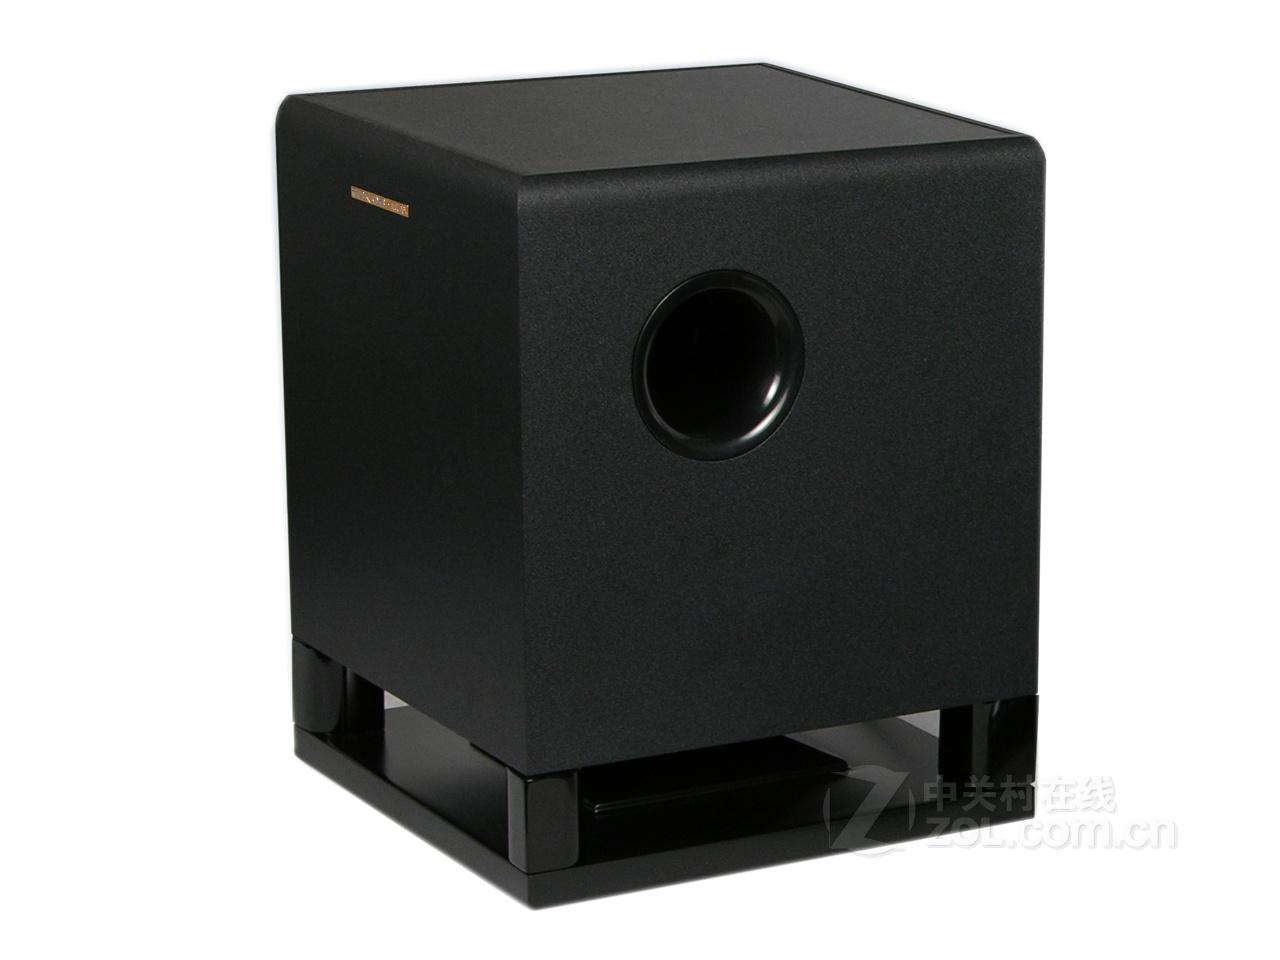 低音炮音箱如何接电脑,电脑音箱改汽车低音炮,电脑低音炮音高清图片